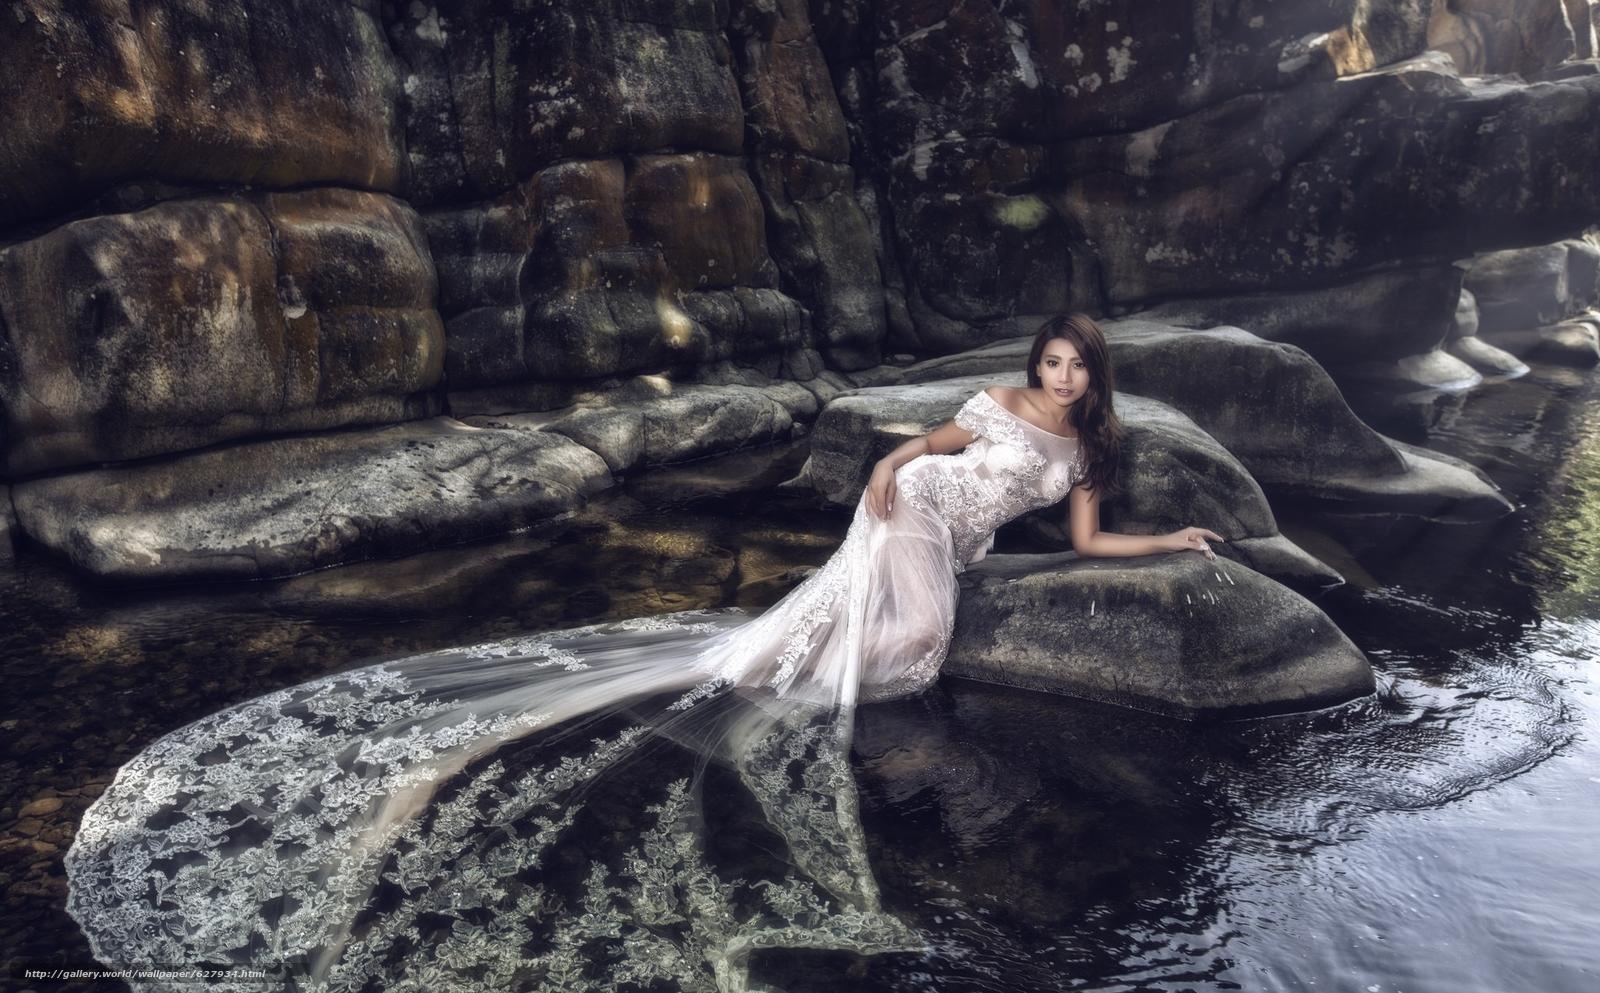 азиатка, невеста, свадебное платье, платье, вода, камни